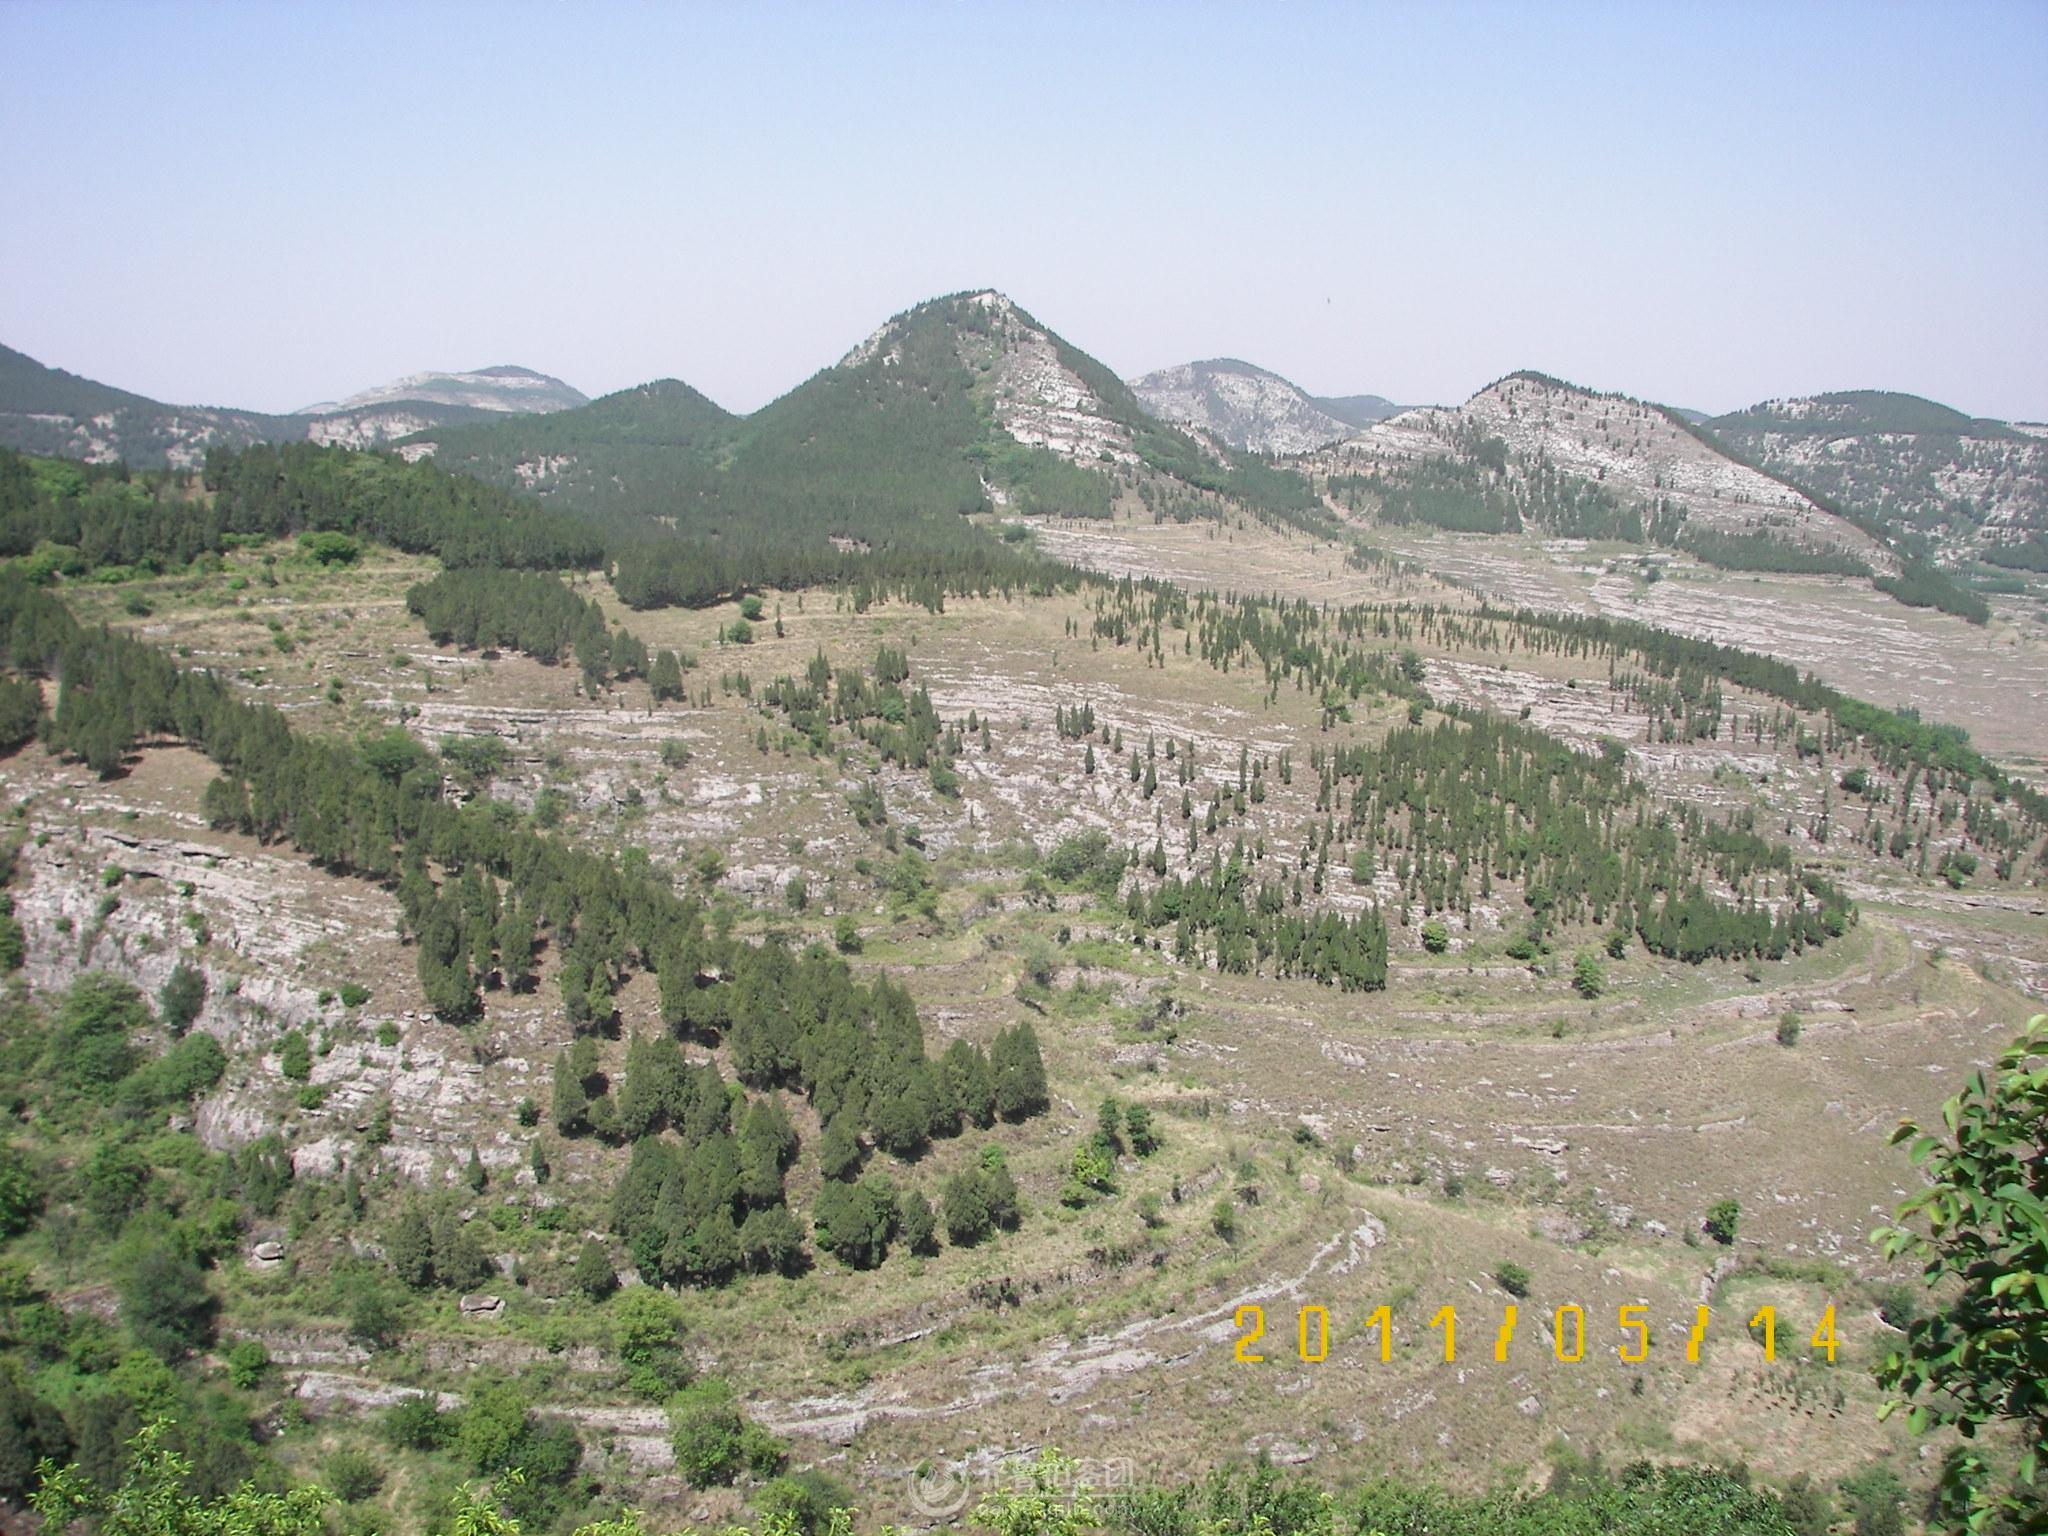 济南藏龙涧浆水泉,美丽风景分享下 - 淄博拍客 - 齐鲁